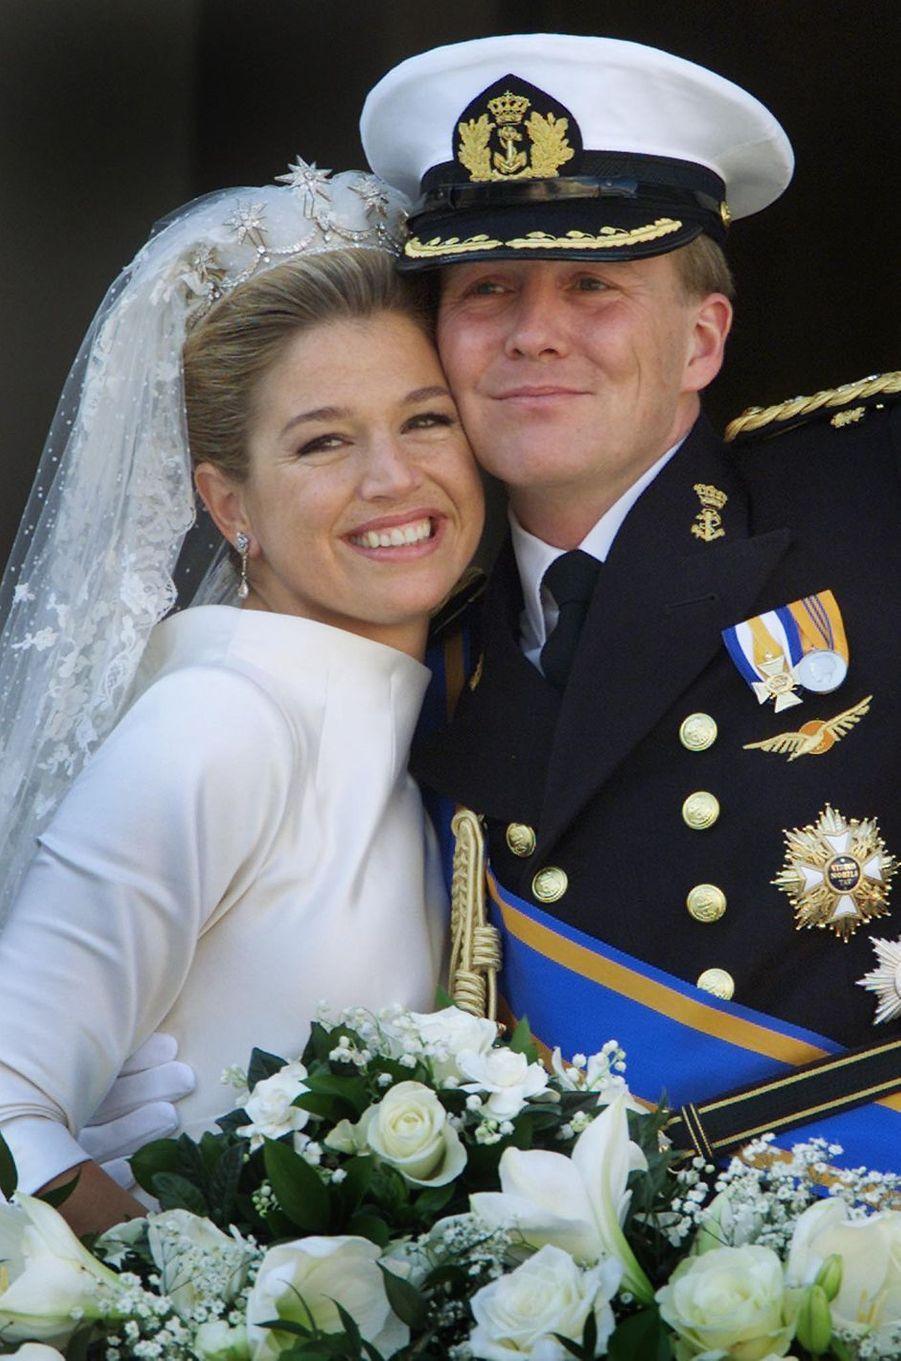 Maxima Zorreguieta et le prince Willem-Alexander des Pays-Bas le jour de leur mariage, le 2 février 2002